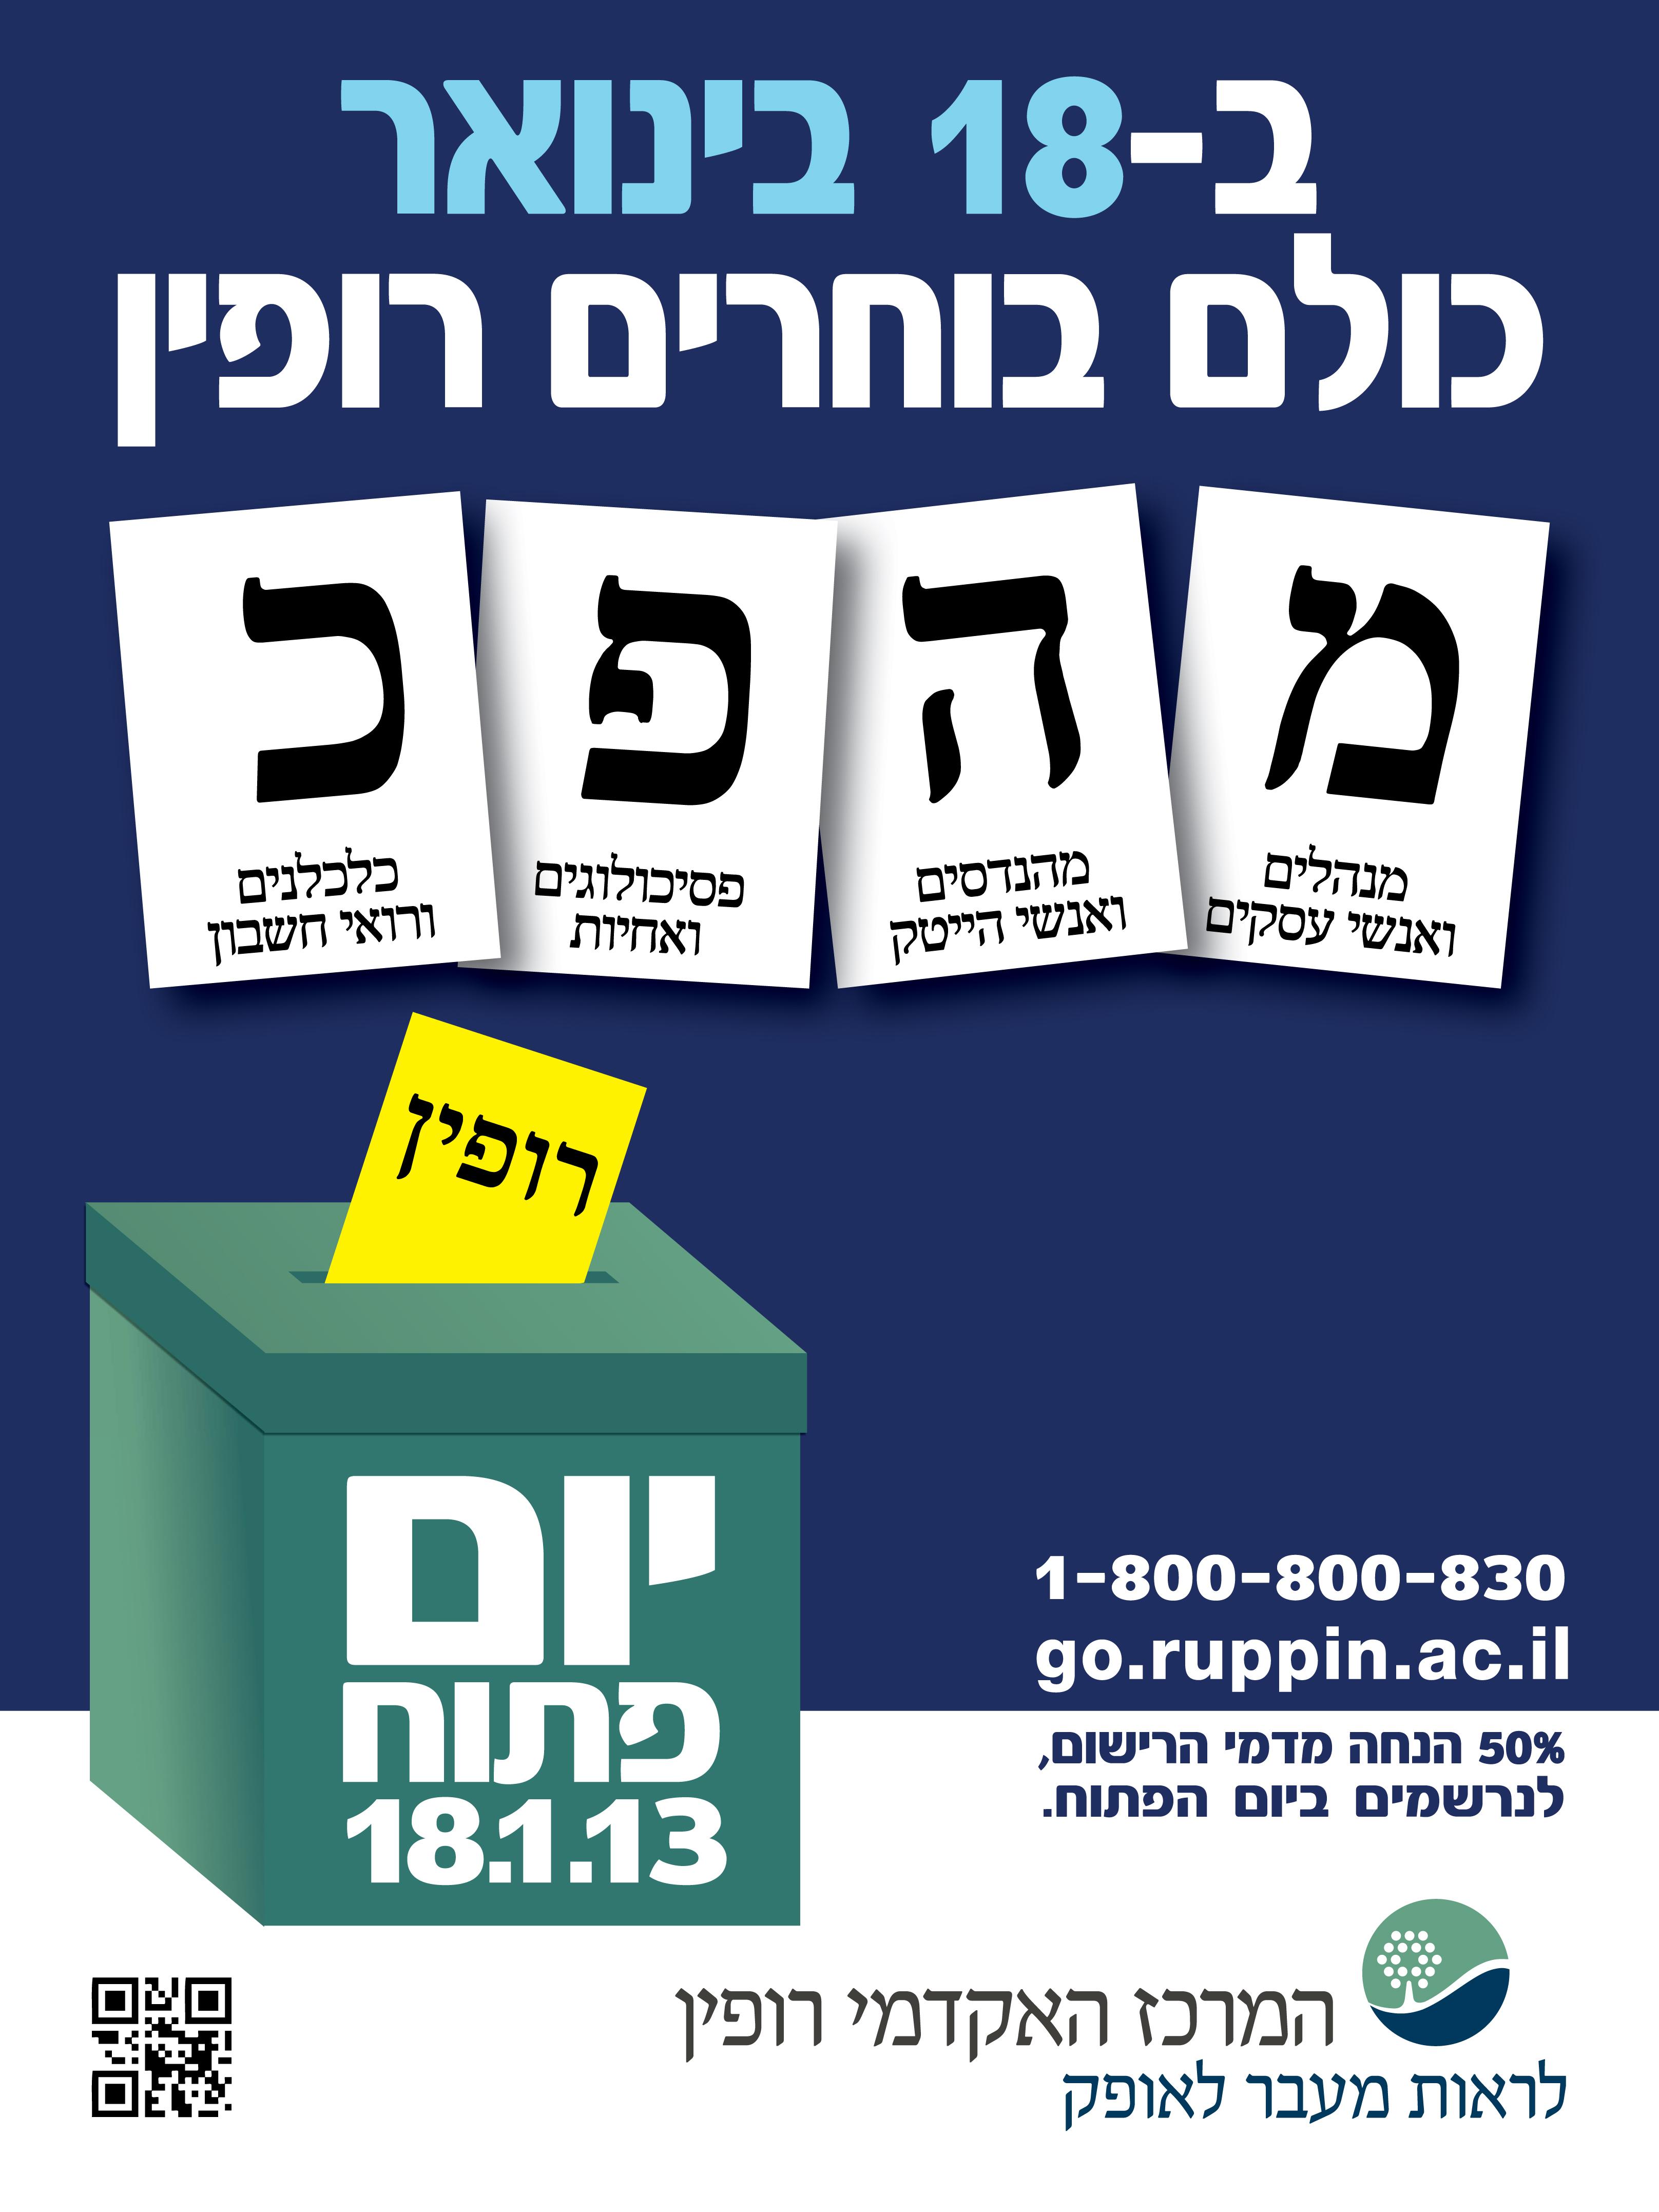 בחירות 2013: רופין בטייק אוף על קמפיינים בחירות לקראת קיום יום פתוח